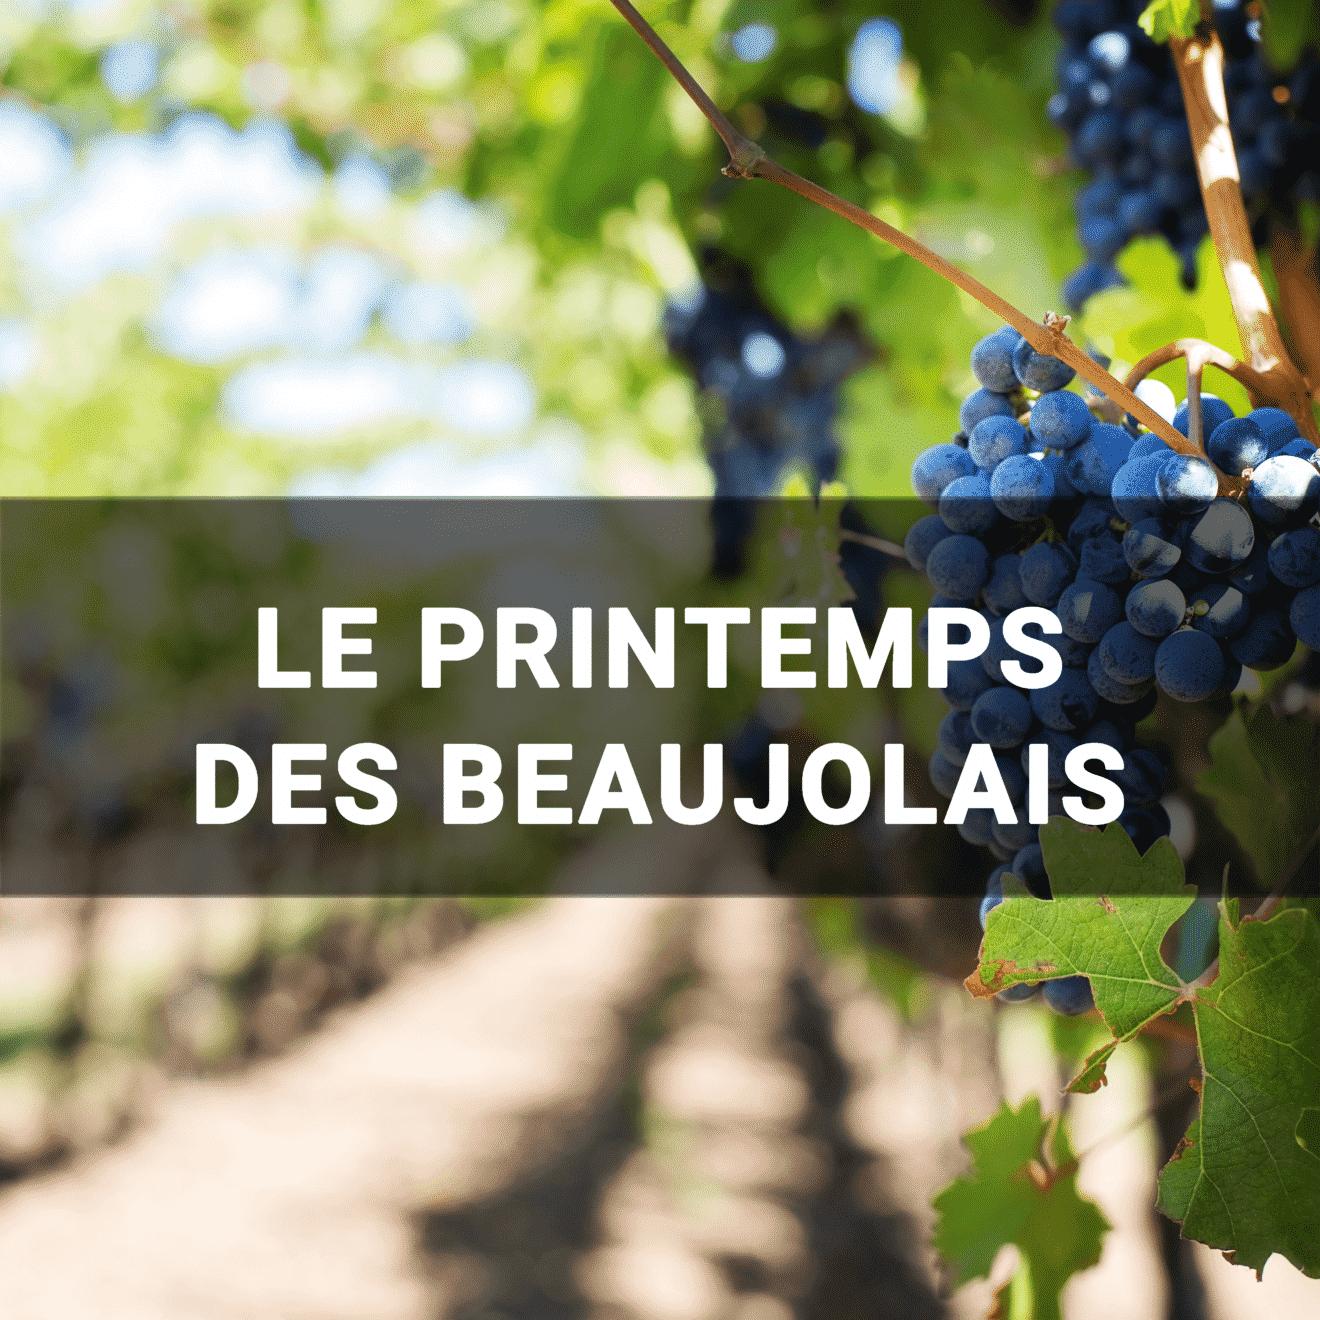 Raisin dans un vignoble - Le printemps des beaujolais